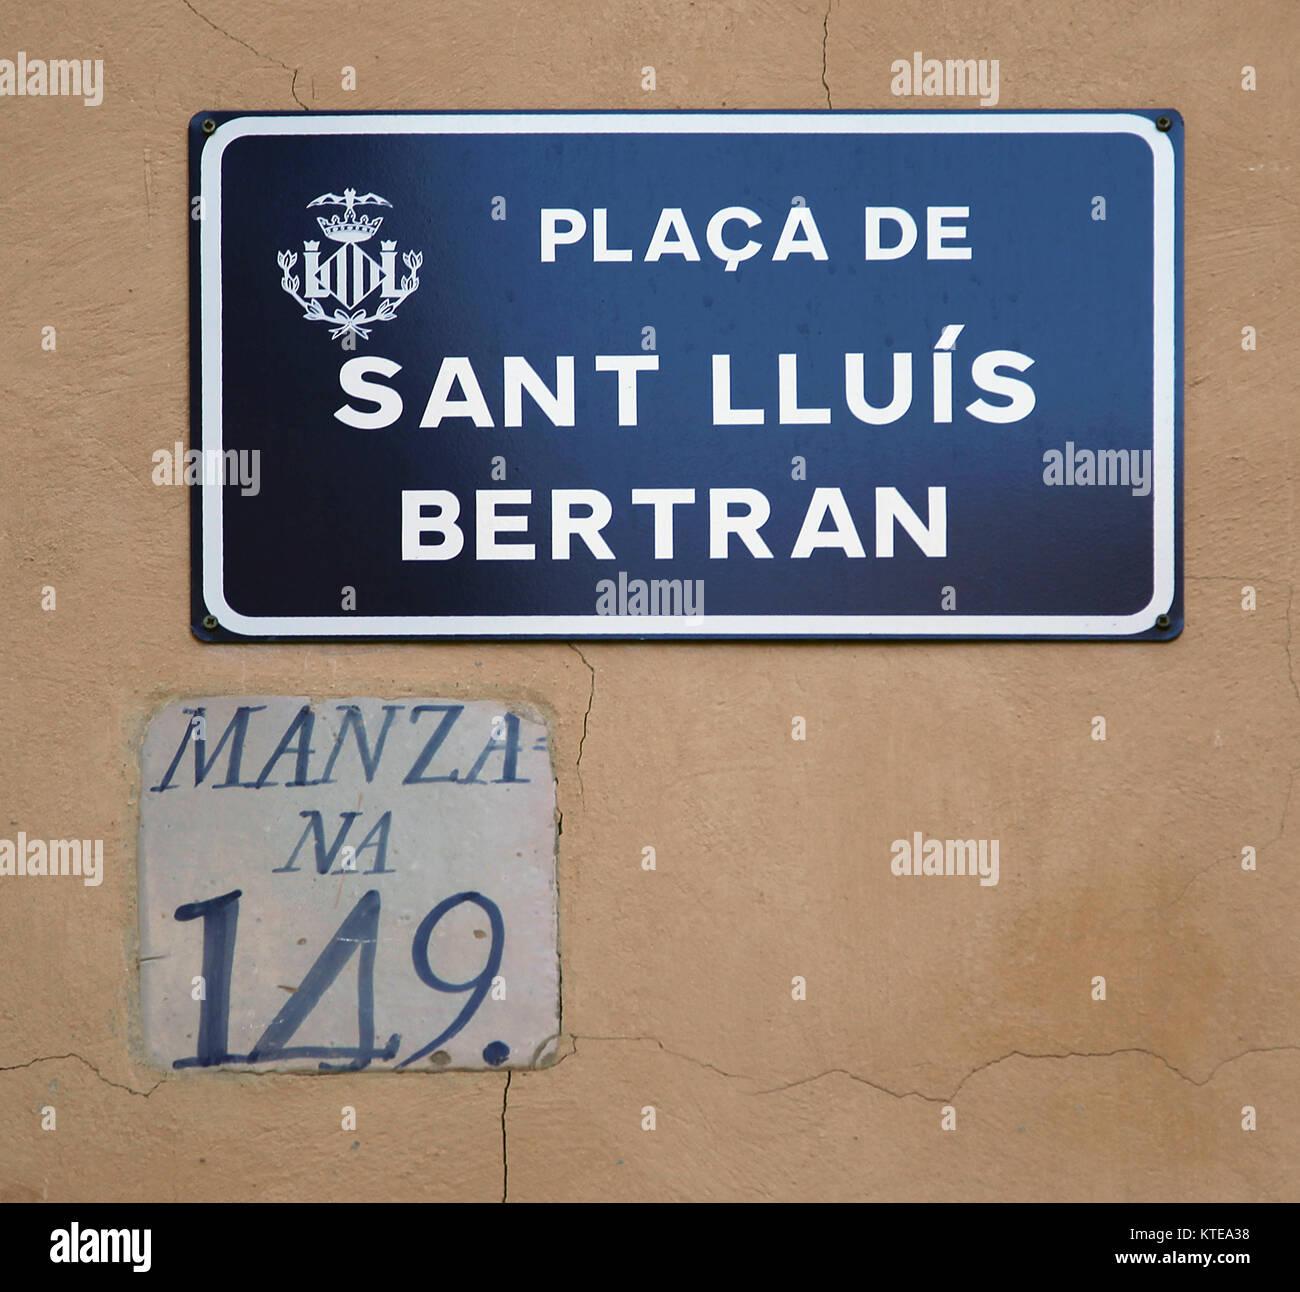 Street sign Placa de Sant Luis Bertran in Valencia Spain - Stock Image